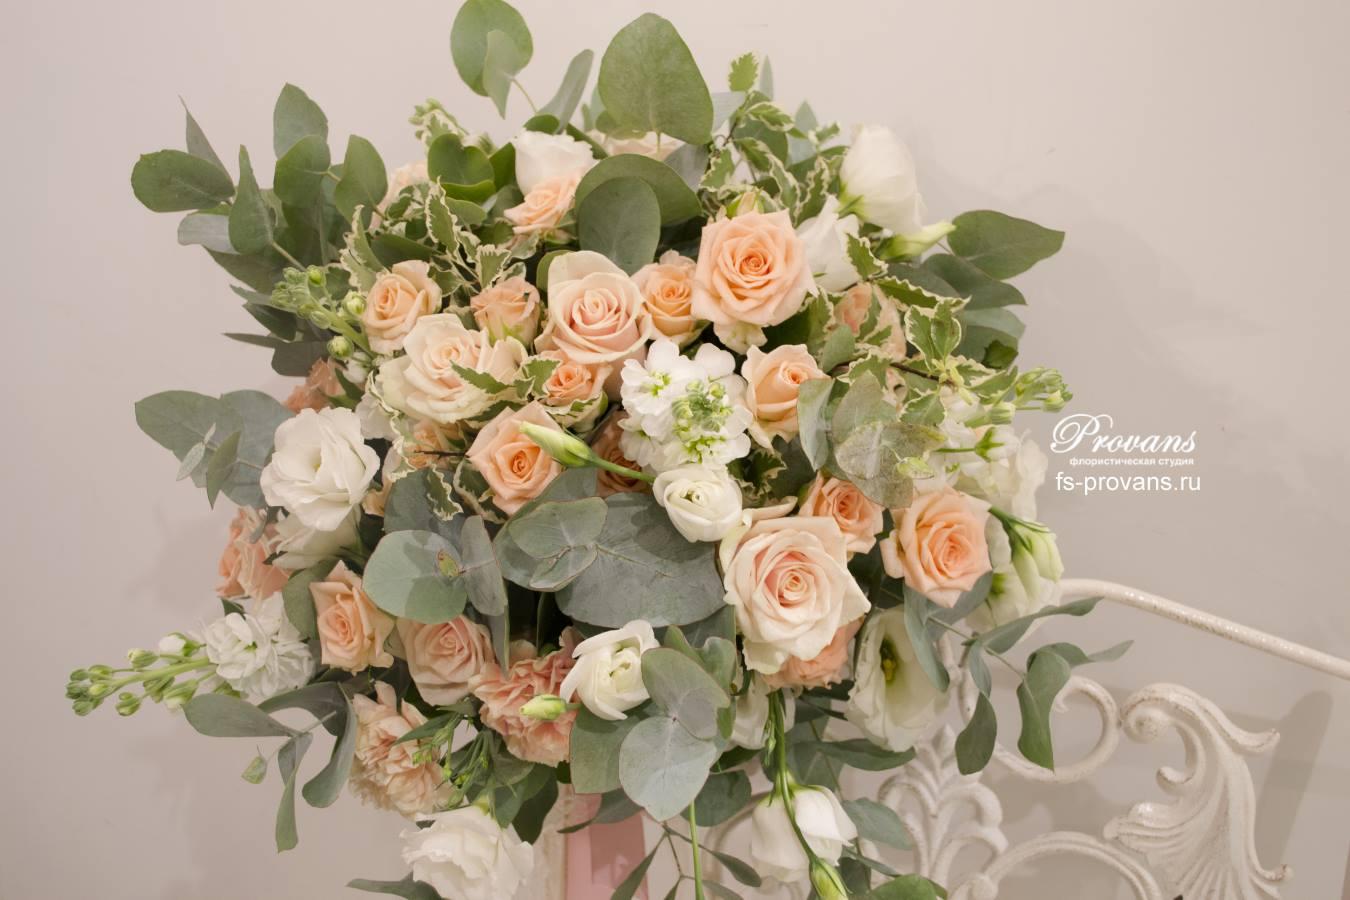 Свадебный букет. Розы, матиола, гвоздика, эустома